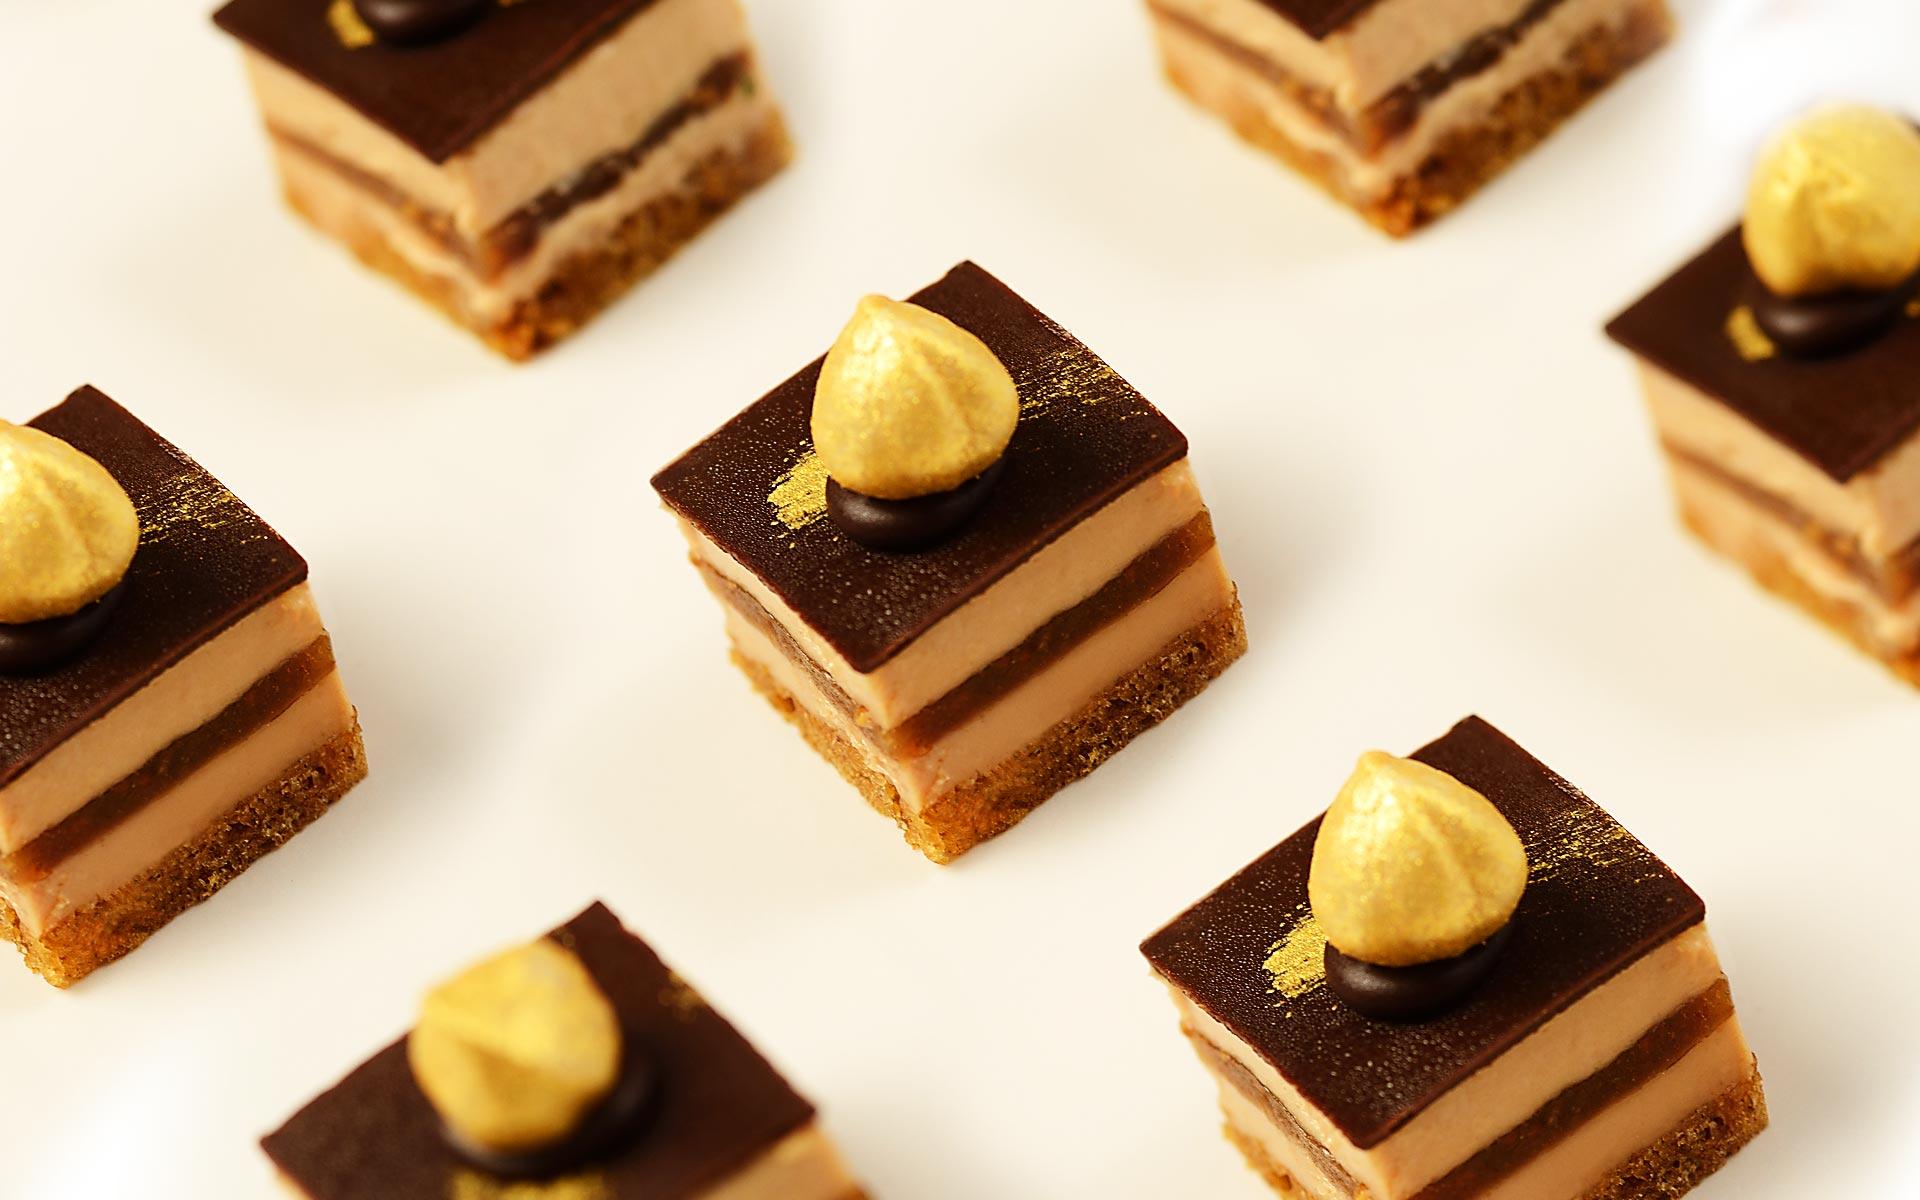 Finger food opera foie gras 2016 duval paris - Faire un foie gras maison ...